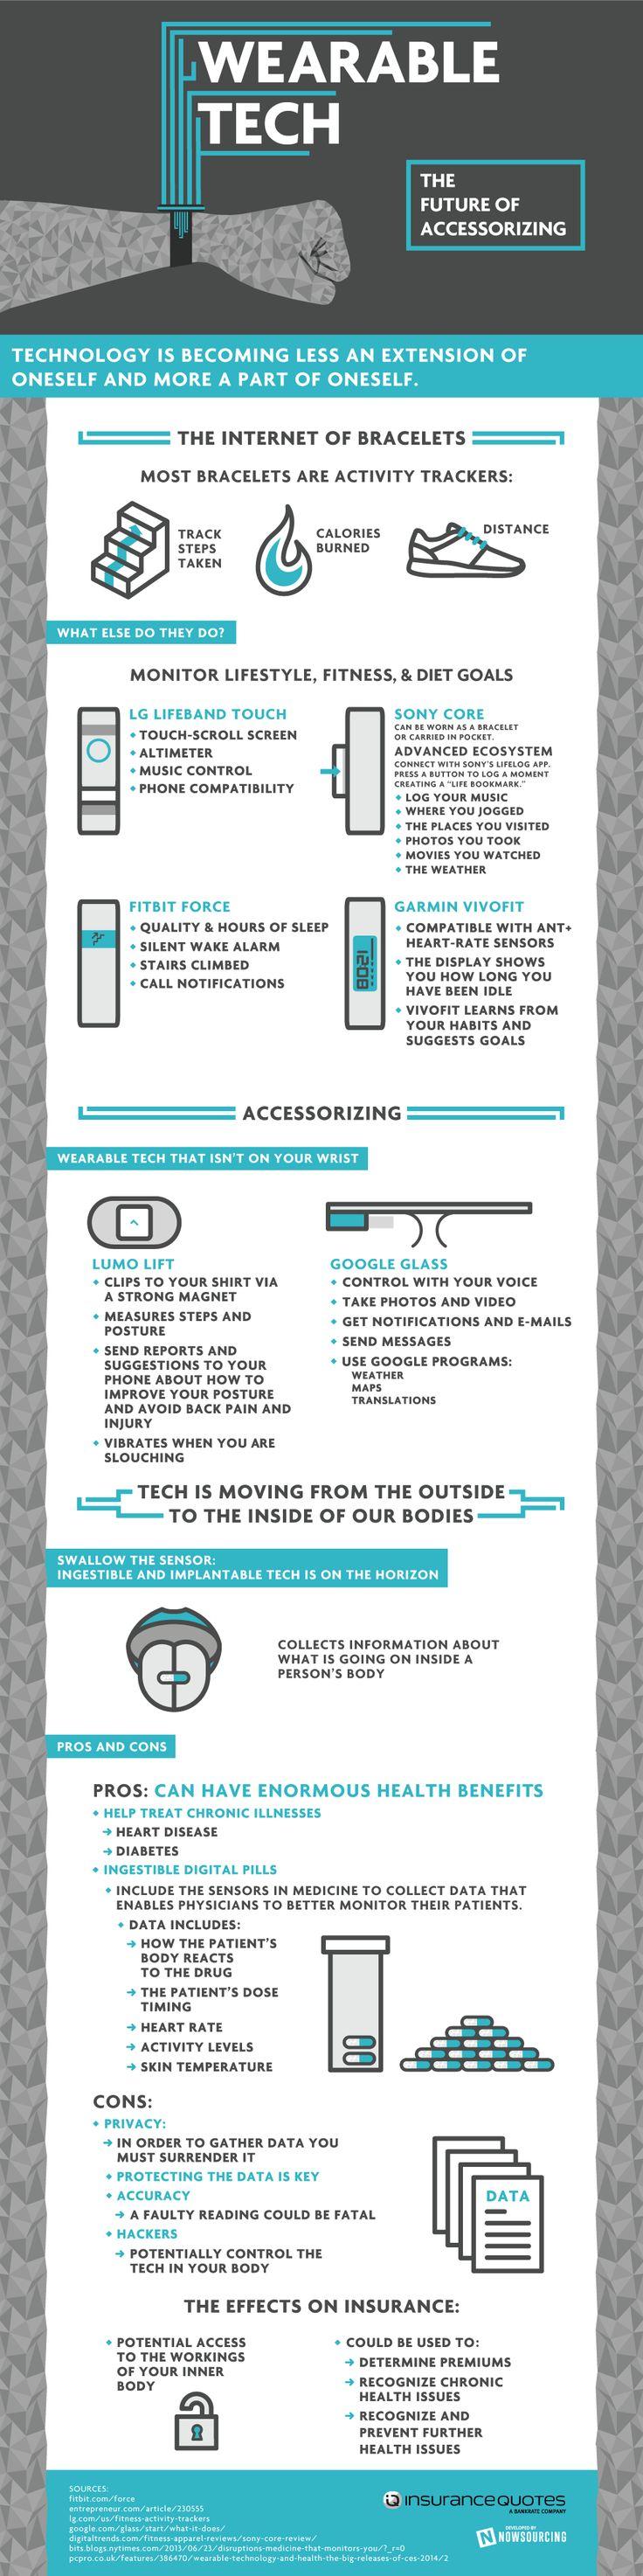 Wearable Tech The Future Of Accessorizing #wearableobjects #objetsconnectés #wearabletechnology